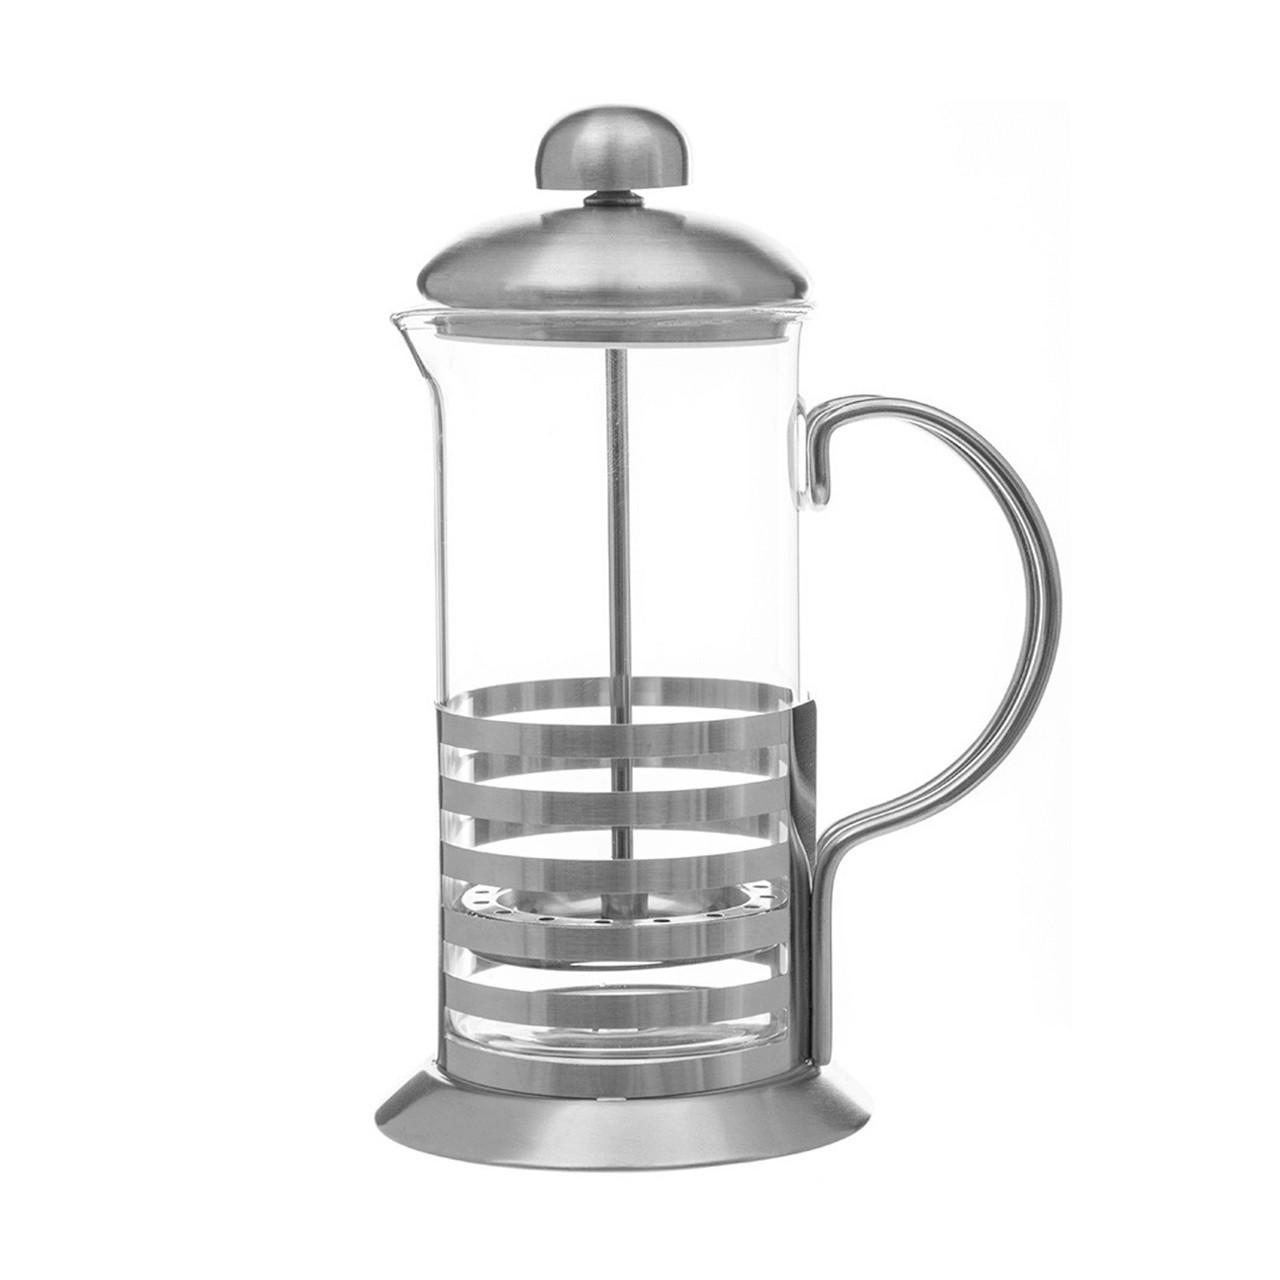 Prensa Francesa Fosca para preparar café 600ml - Hario